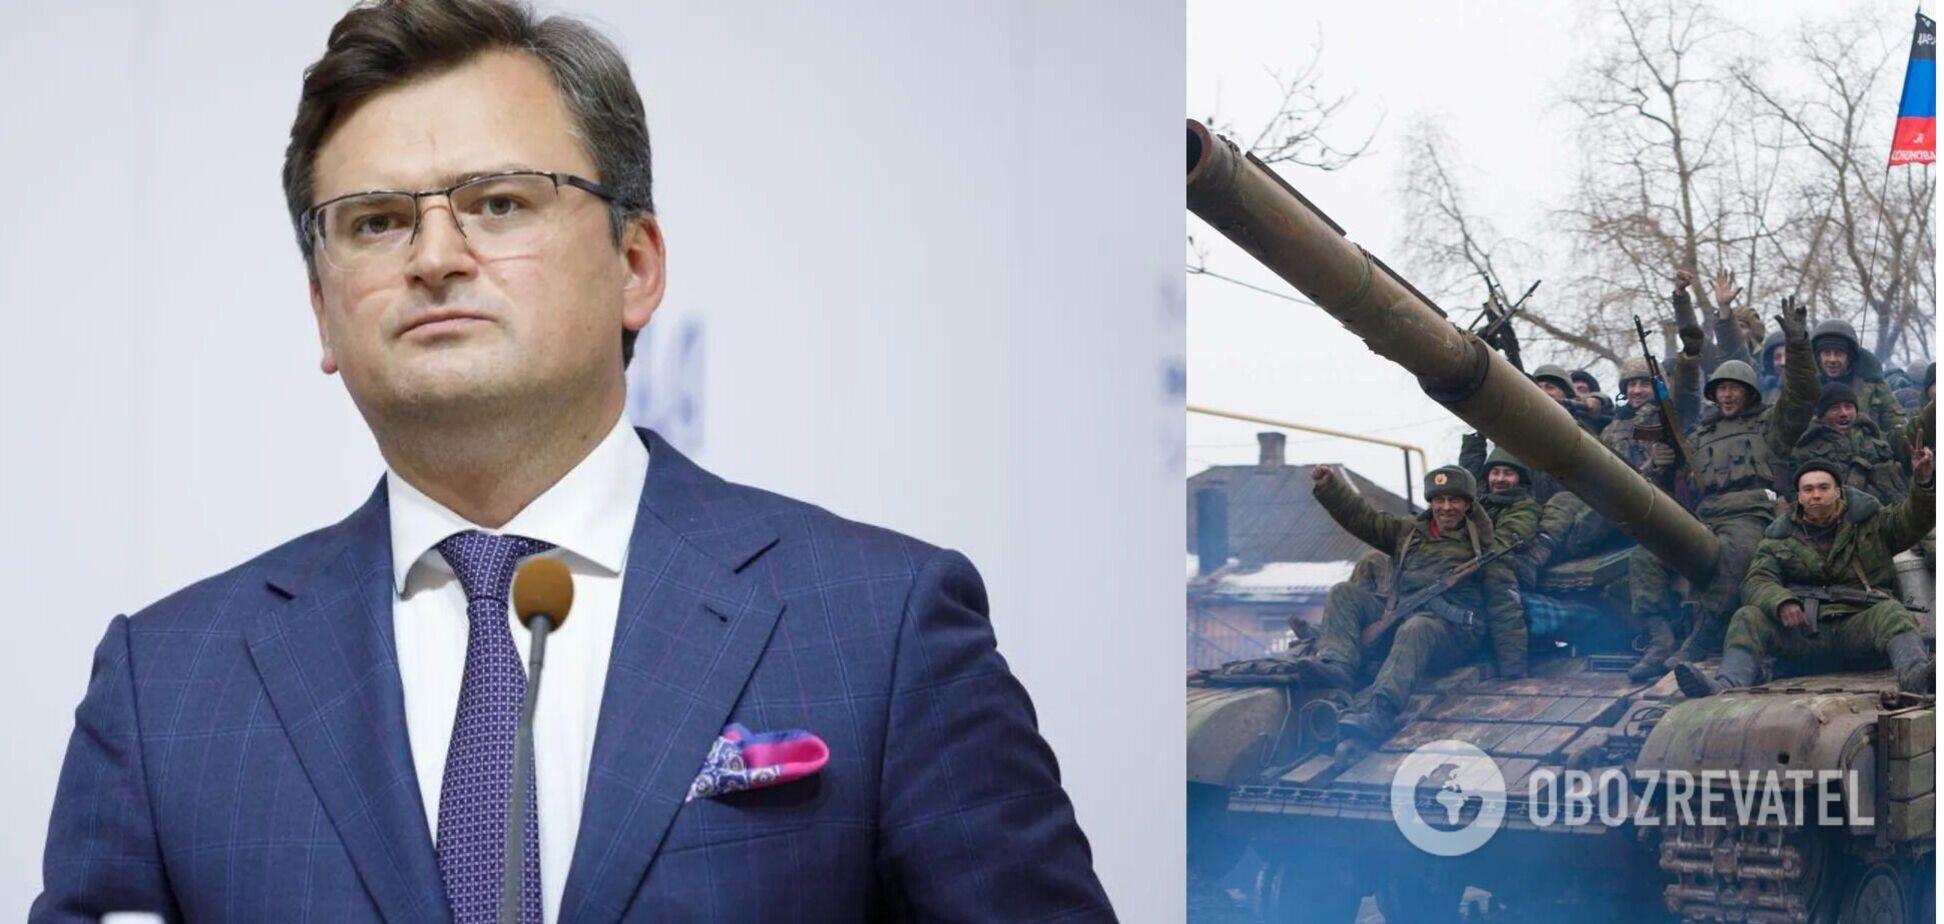 Кулеба: Росія віроломно напала та назавжди втратила Україну